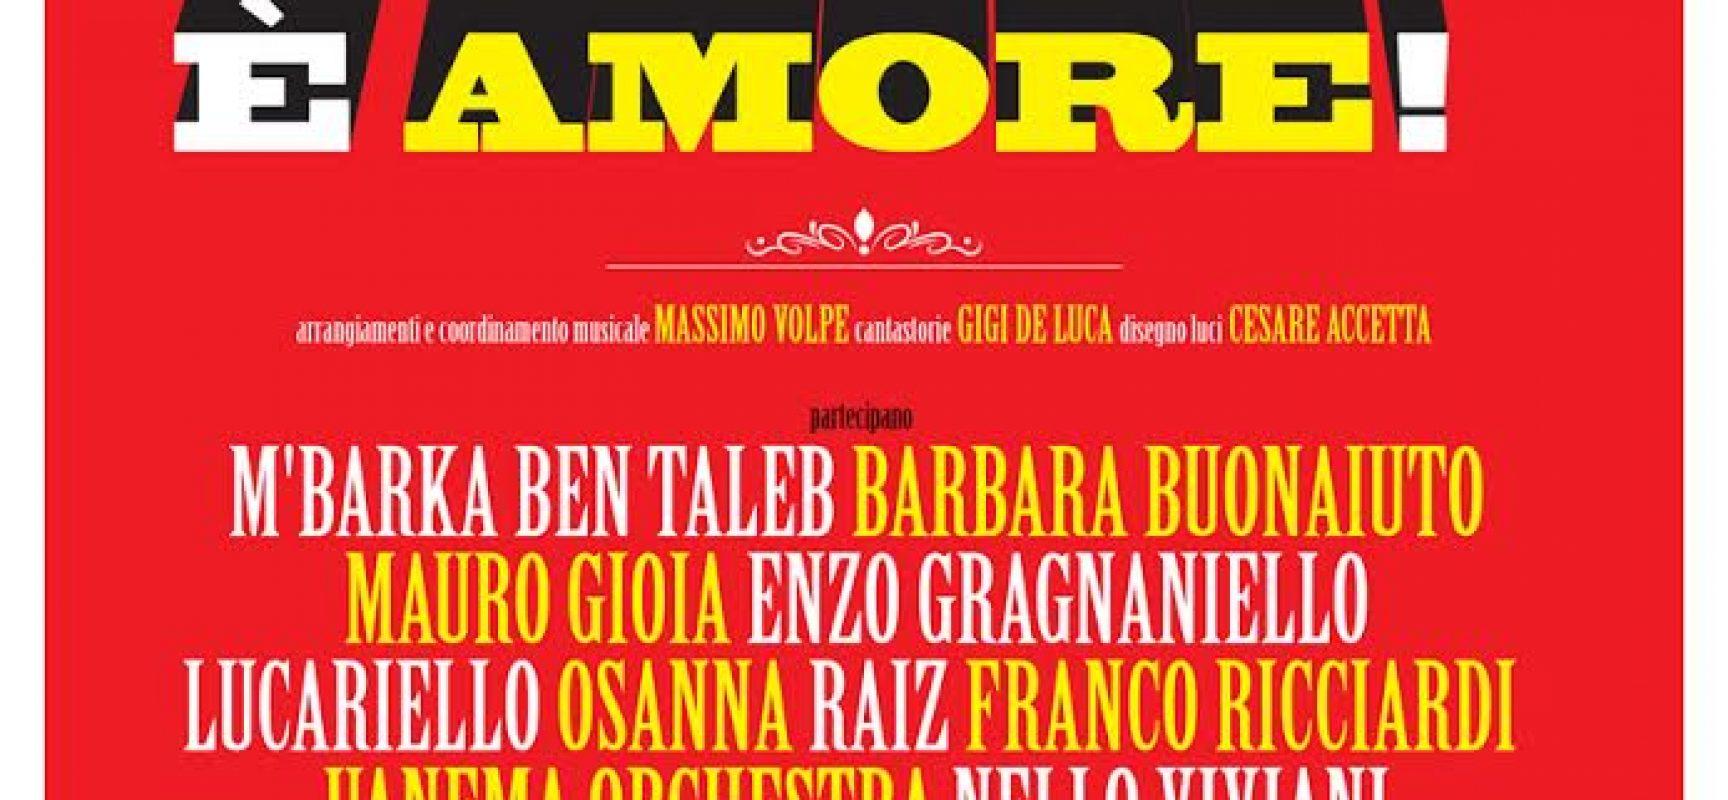 Napoli Canta per Pino Mauro